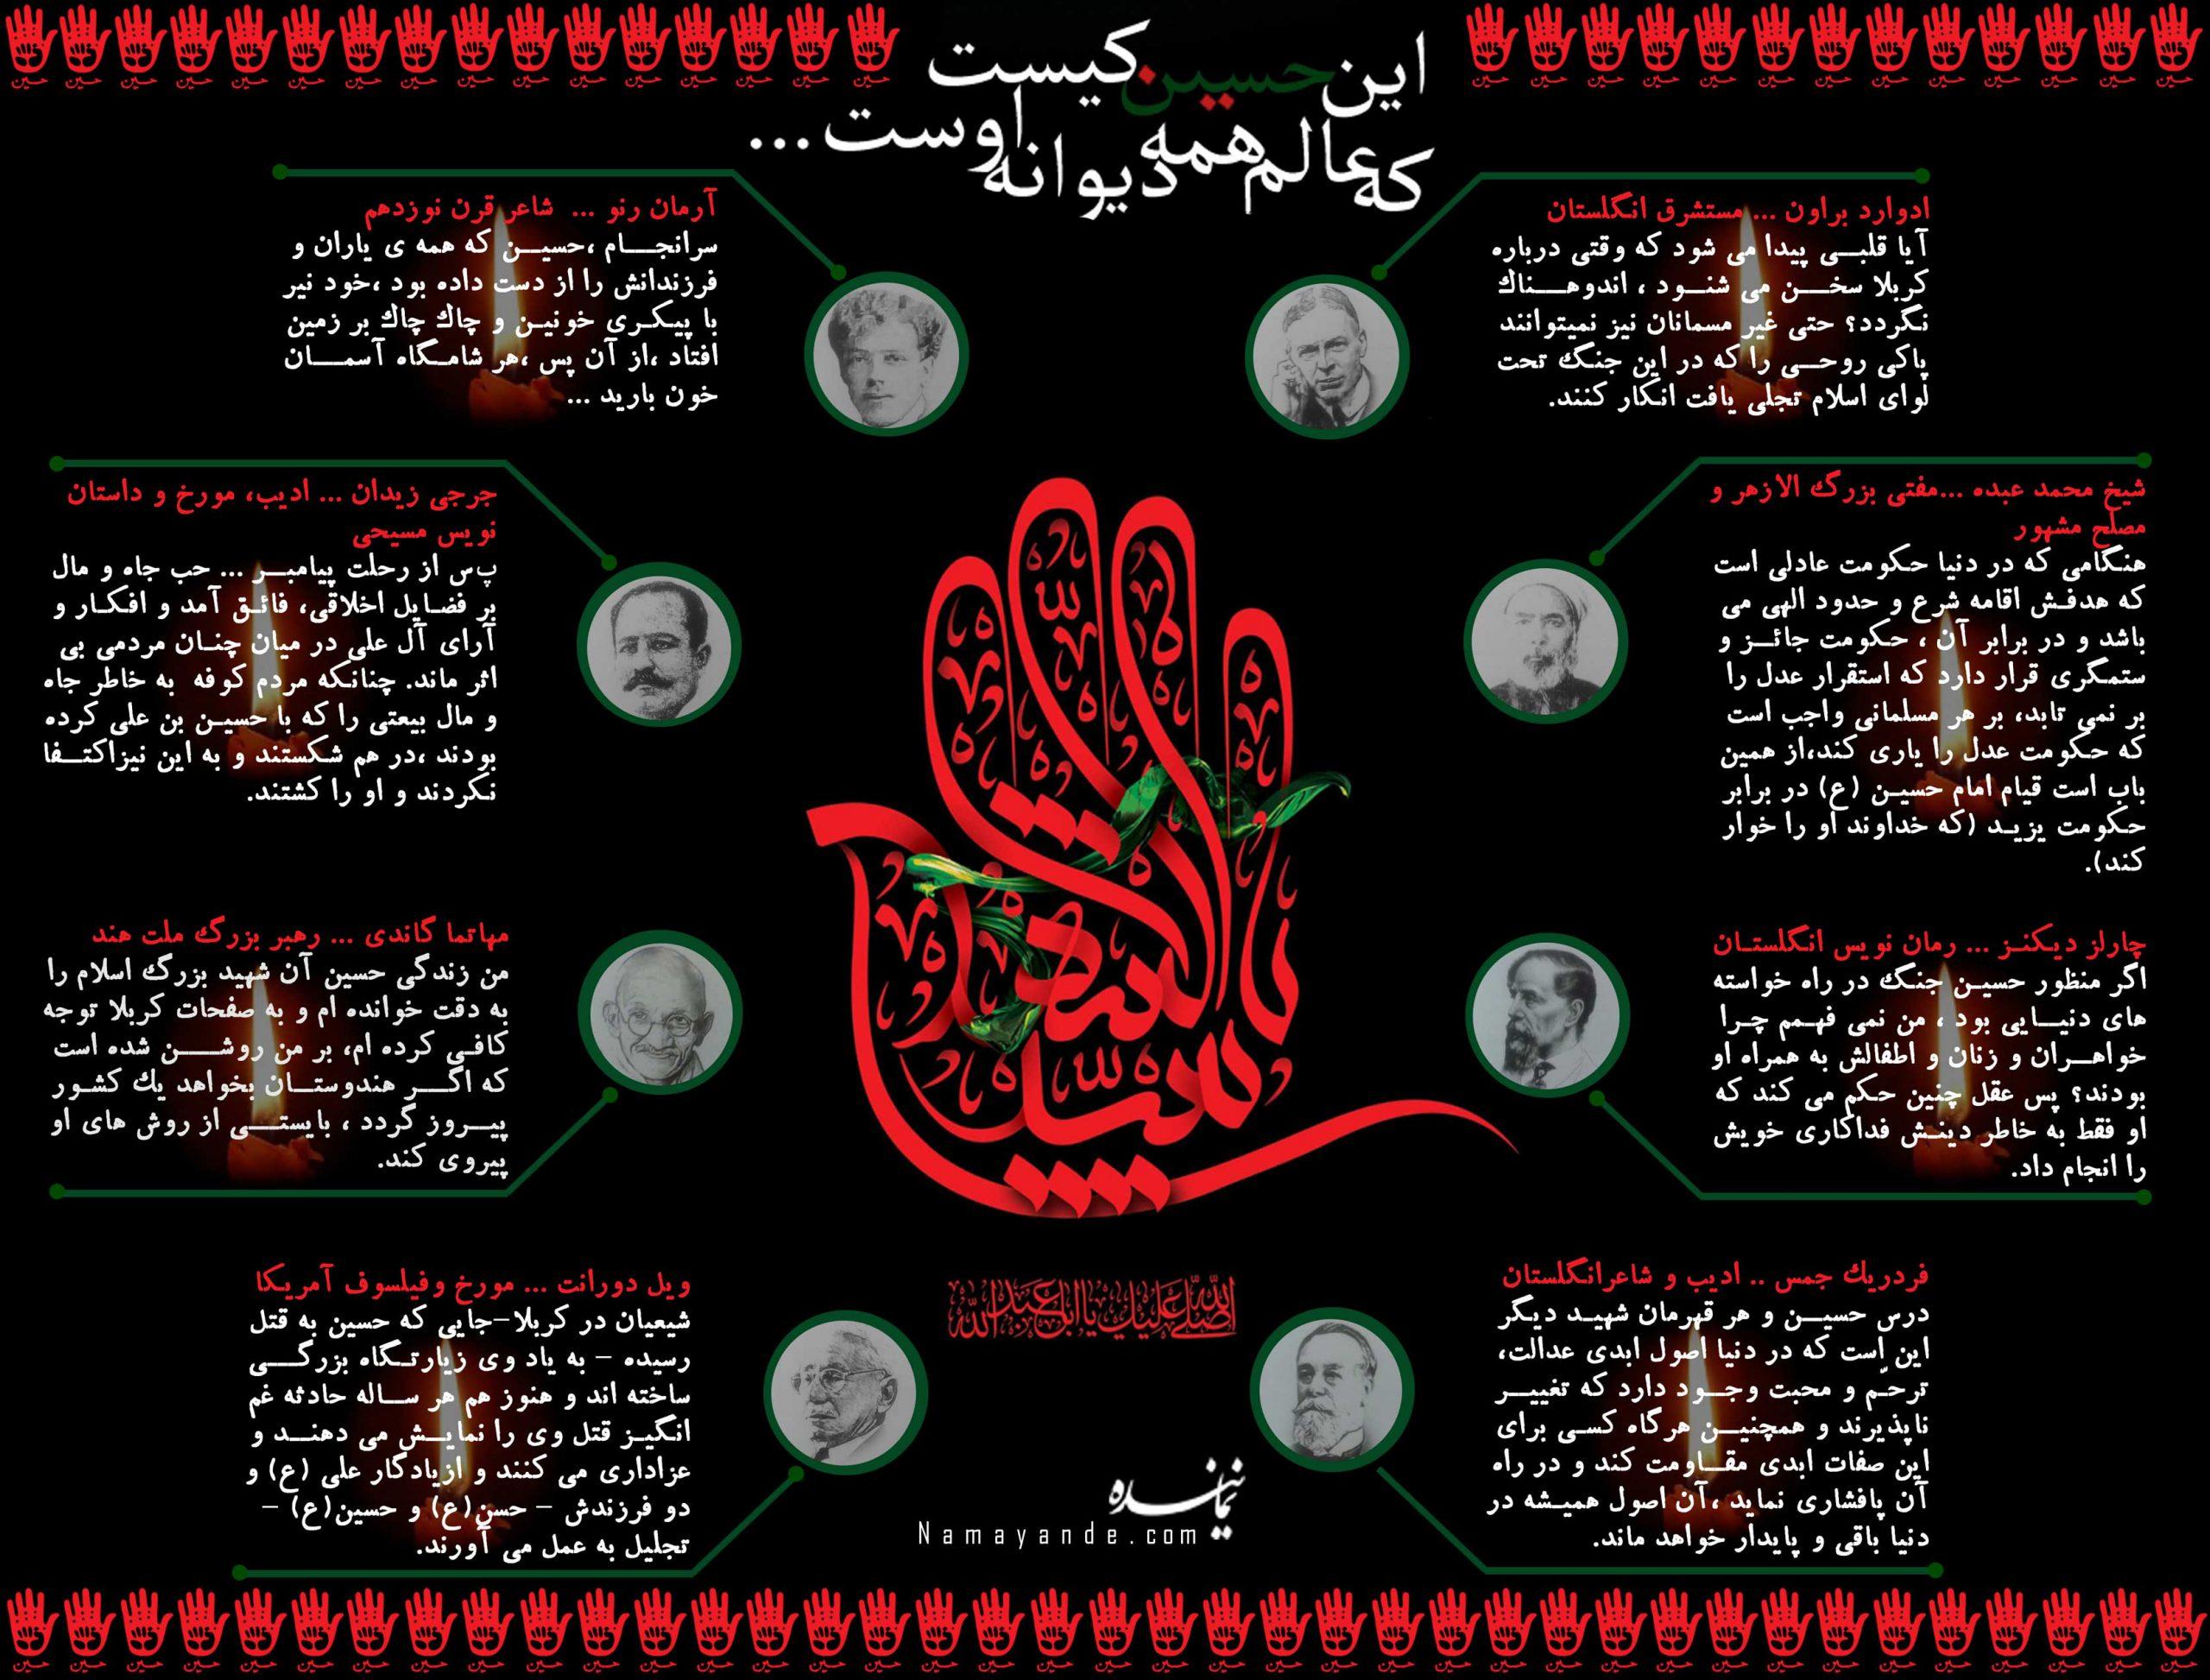 بزرگان معاصر وامام حسین